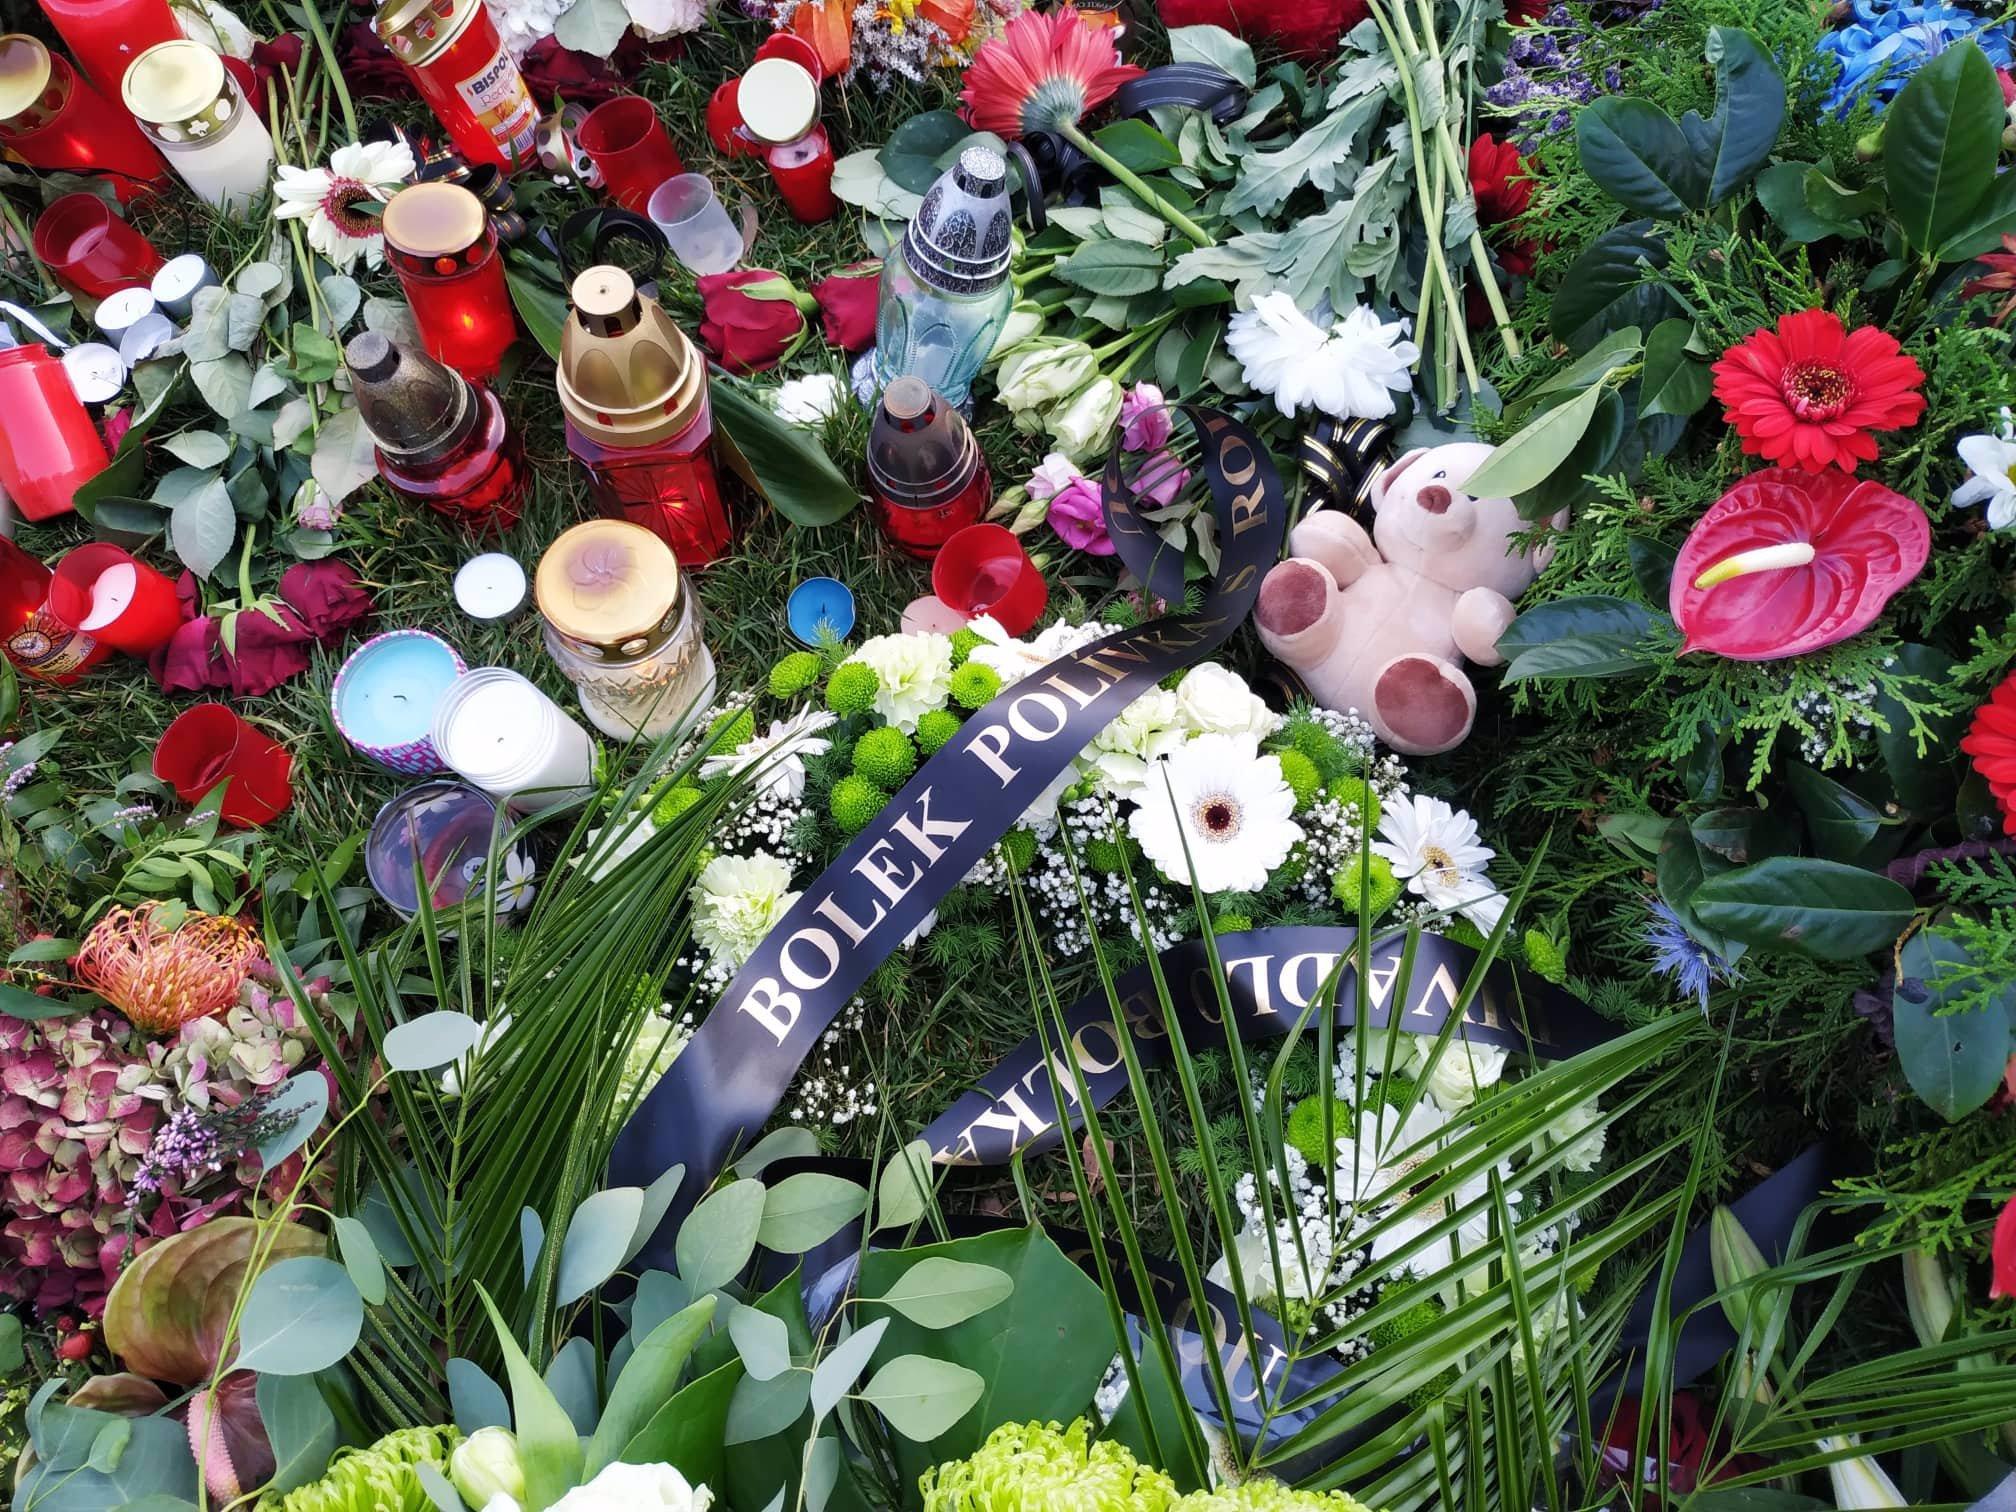 Bertramka i zahrada Kinských v obležení květin a svíček: Leží tam miliony korun